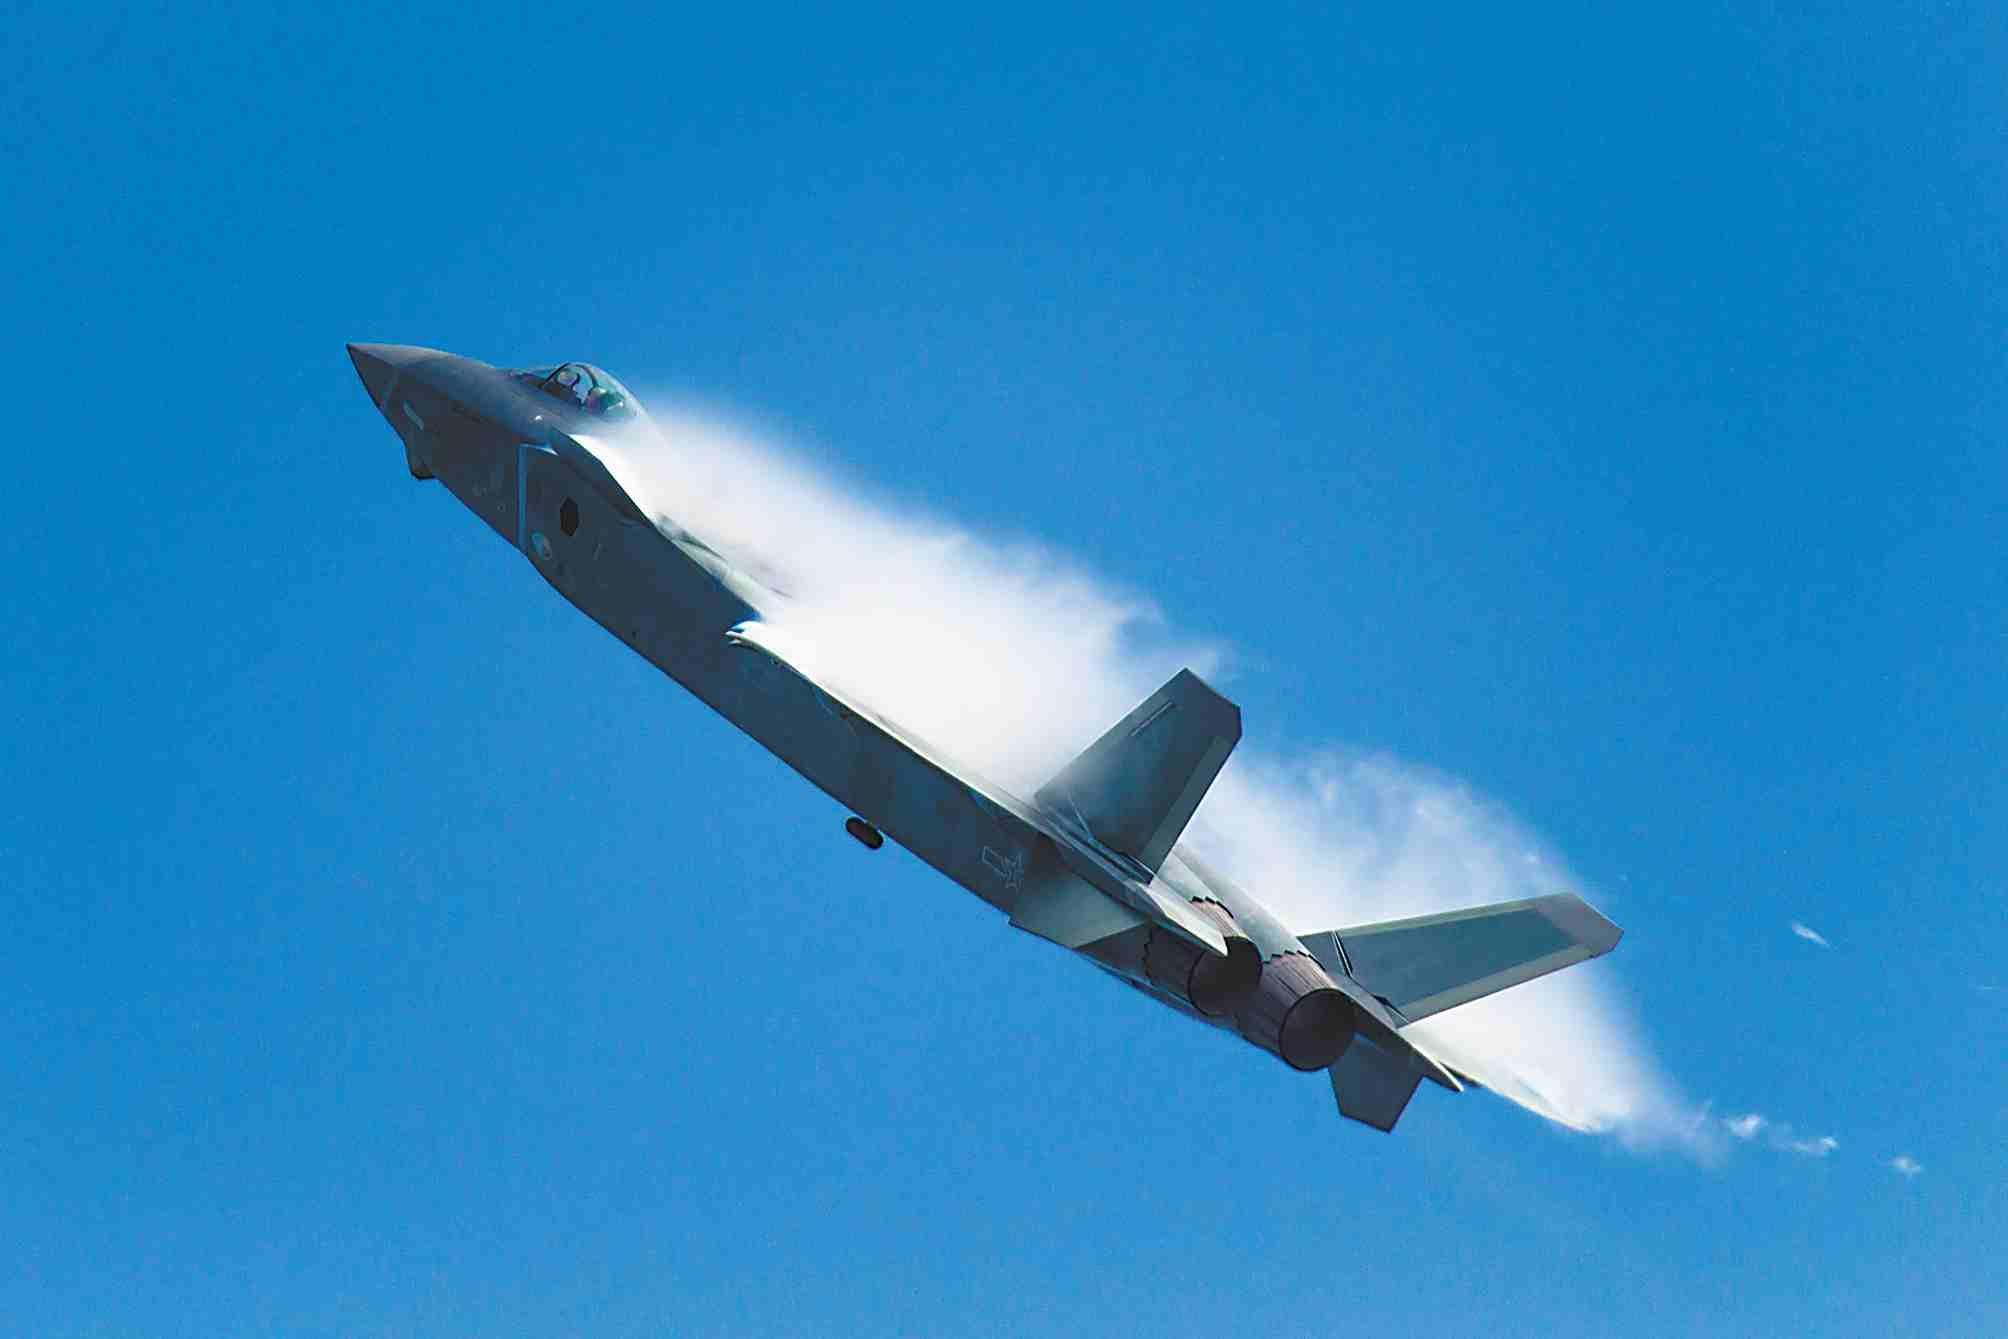 歼- 20首飞十年,期待下个X-20